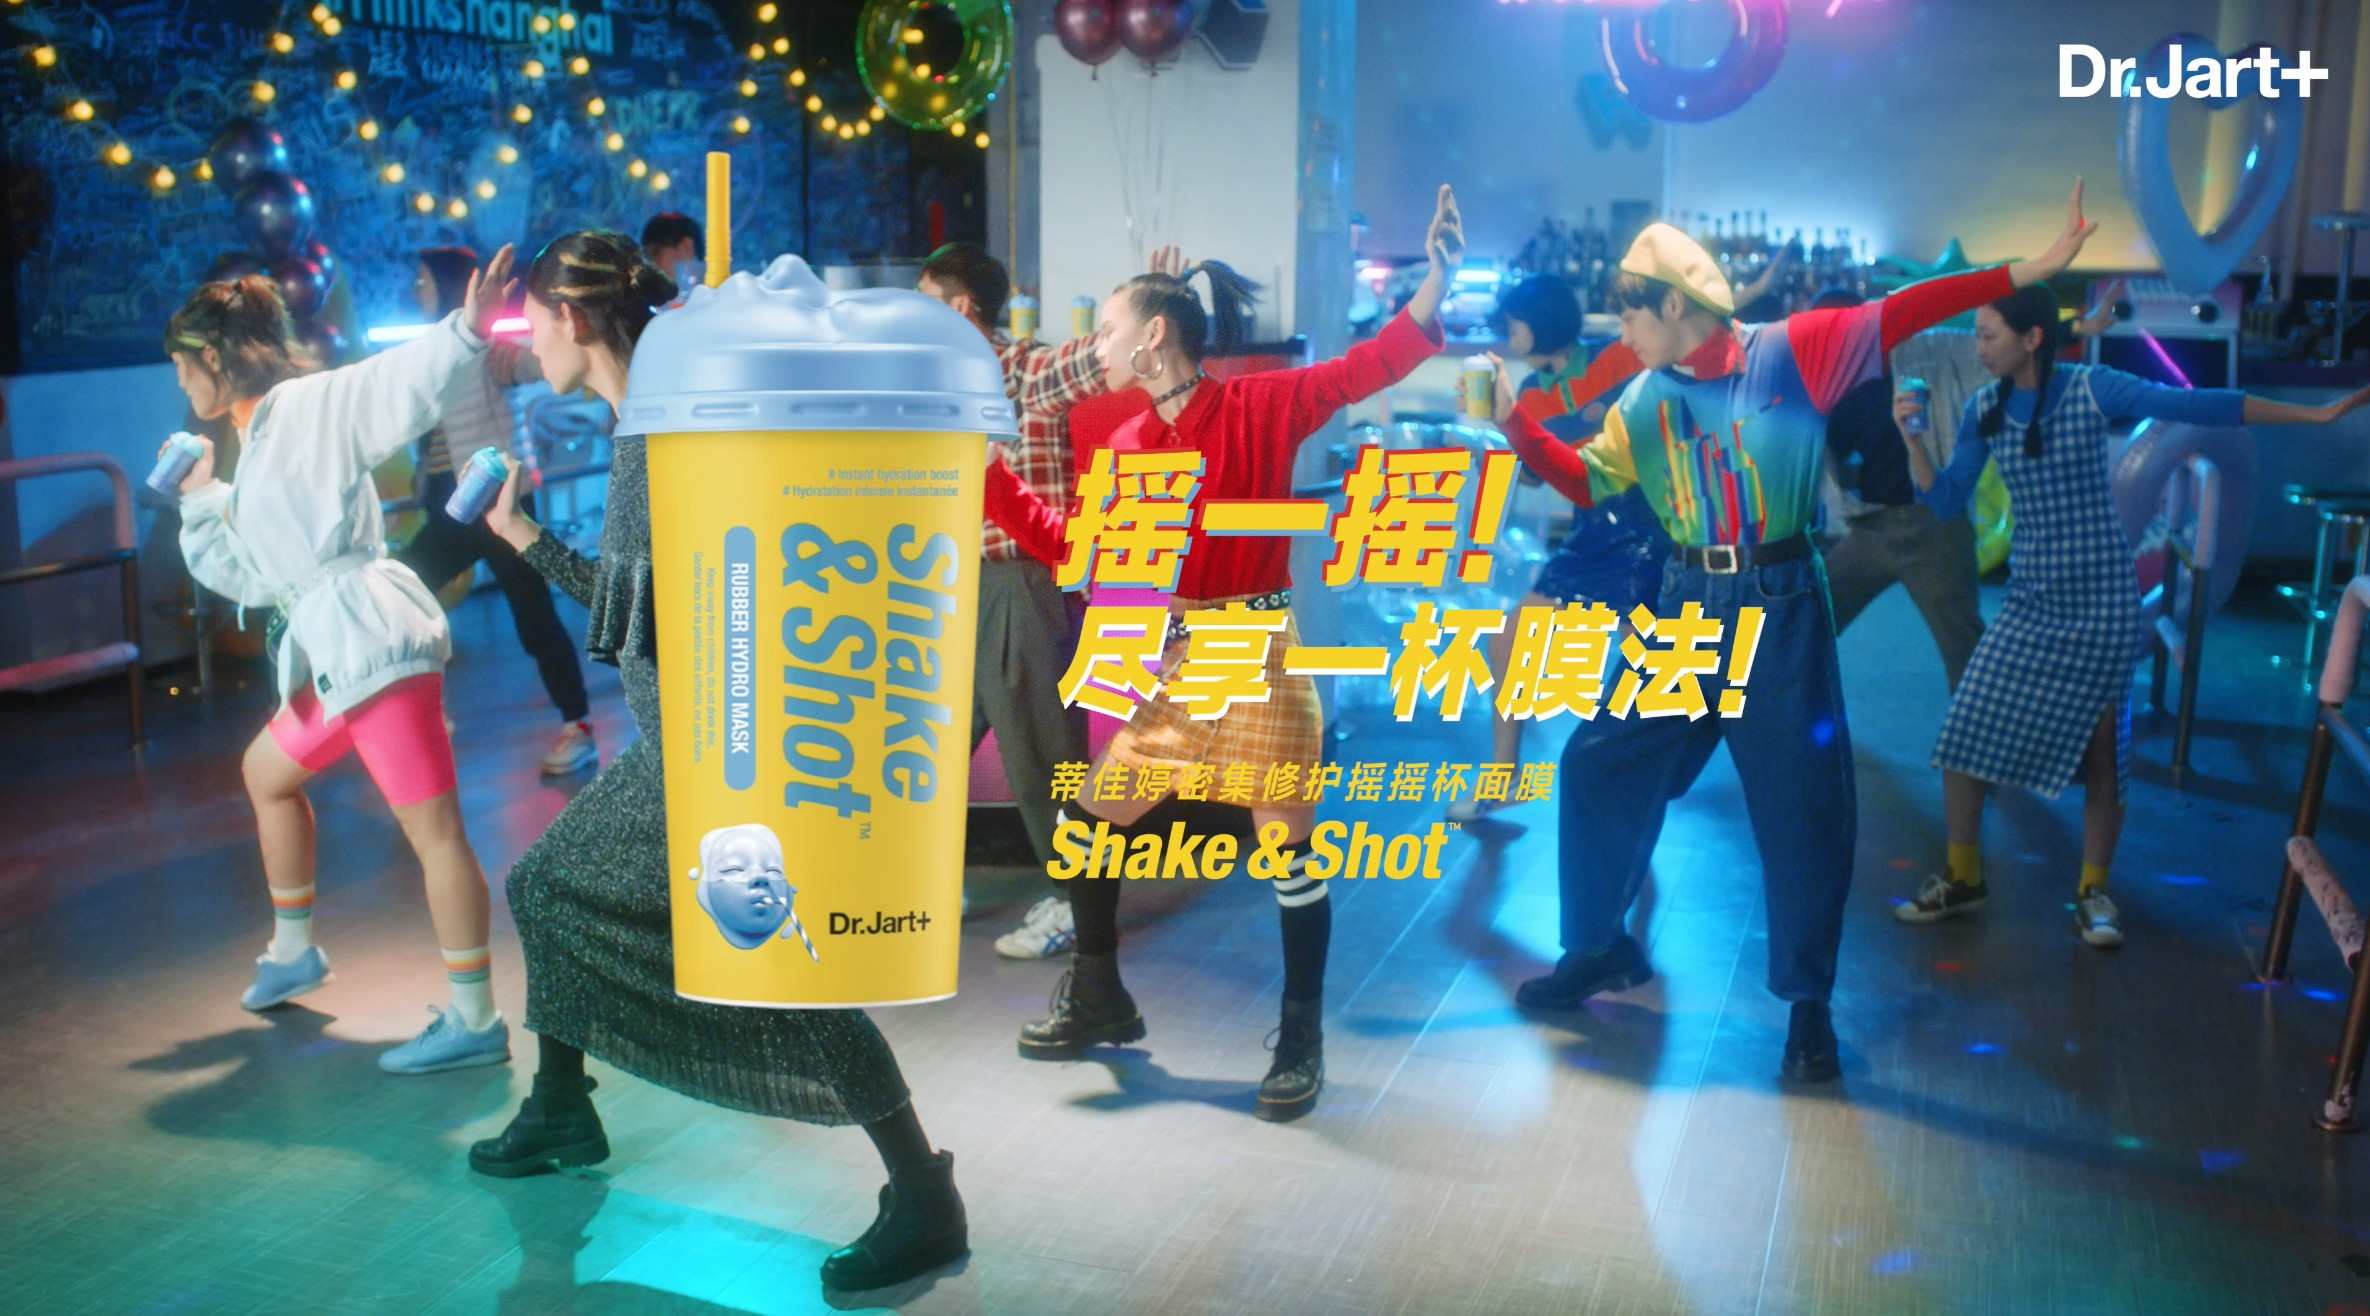 Dr.Jart+ Shake & Shot